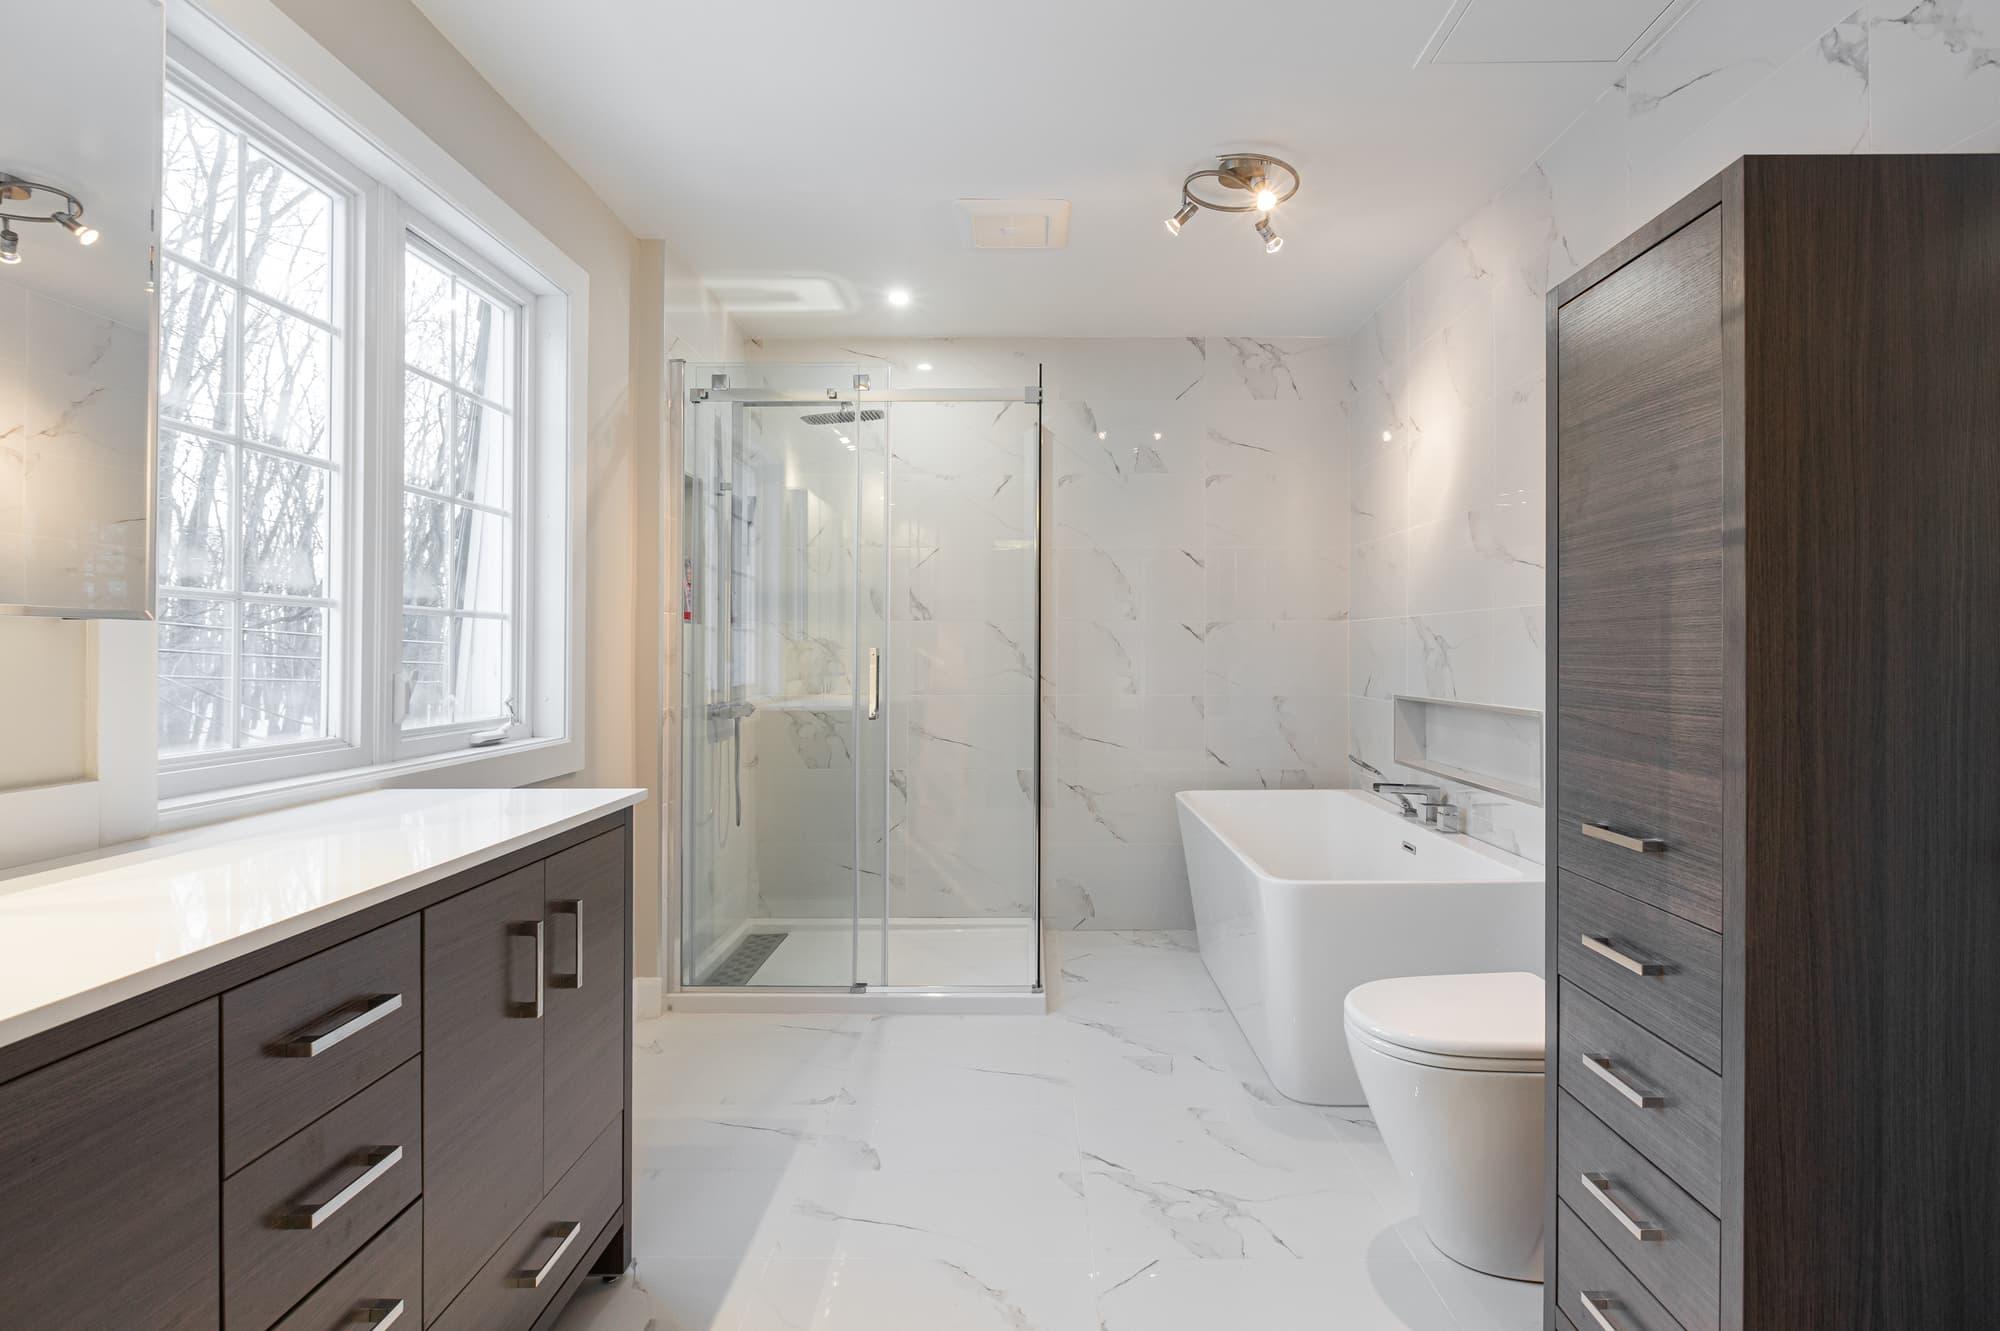 salle de bain moderne rénovée avec bain autoportant rectangulaire et vanité sur mesure